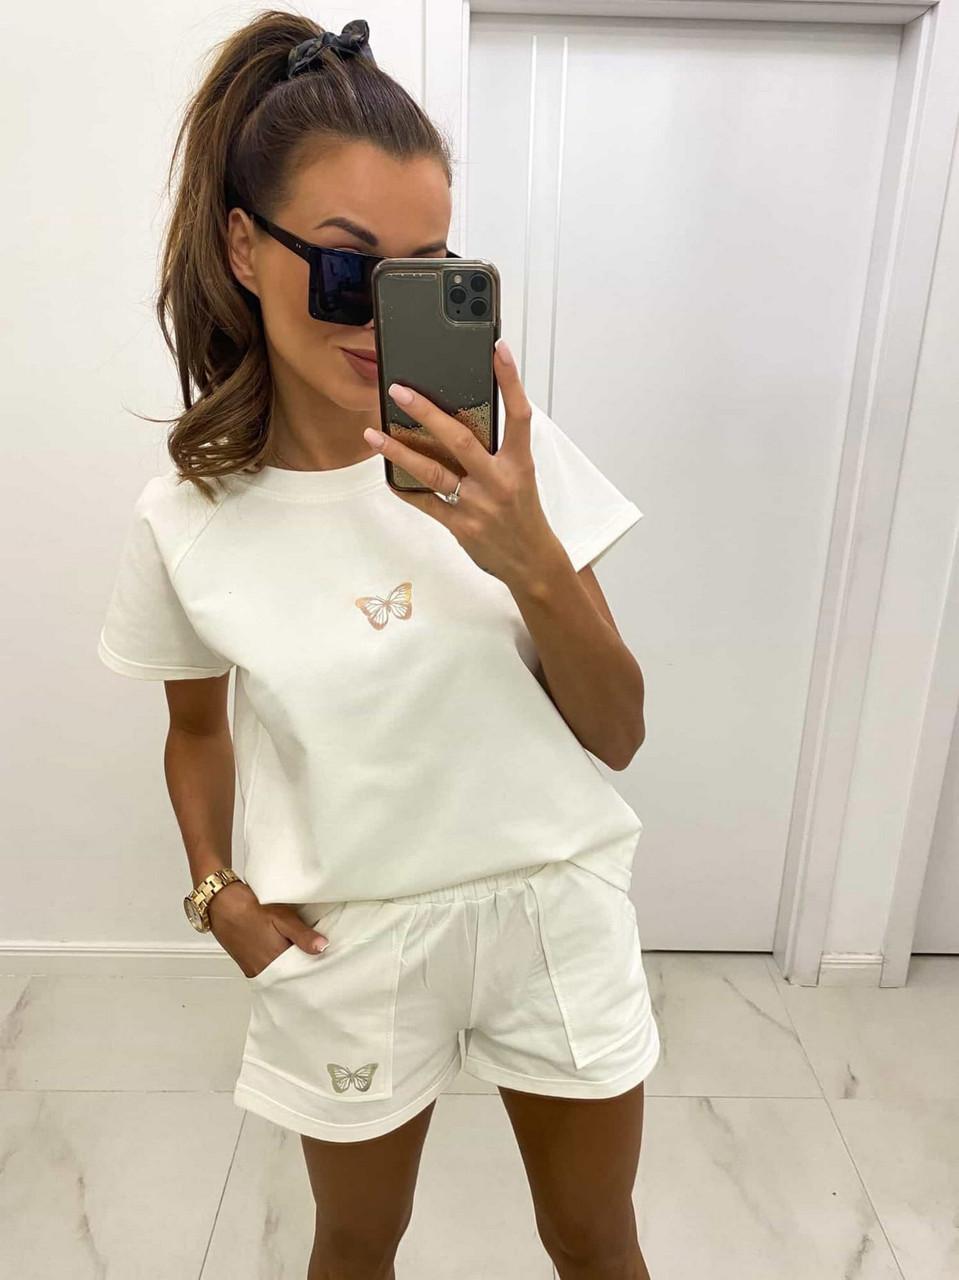 Жіночий костюм двійка (шорти на резинці плюс футболка), 00989 (Молоко), Розмір 42 (S)